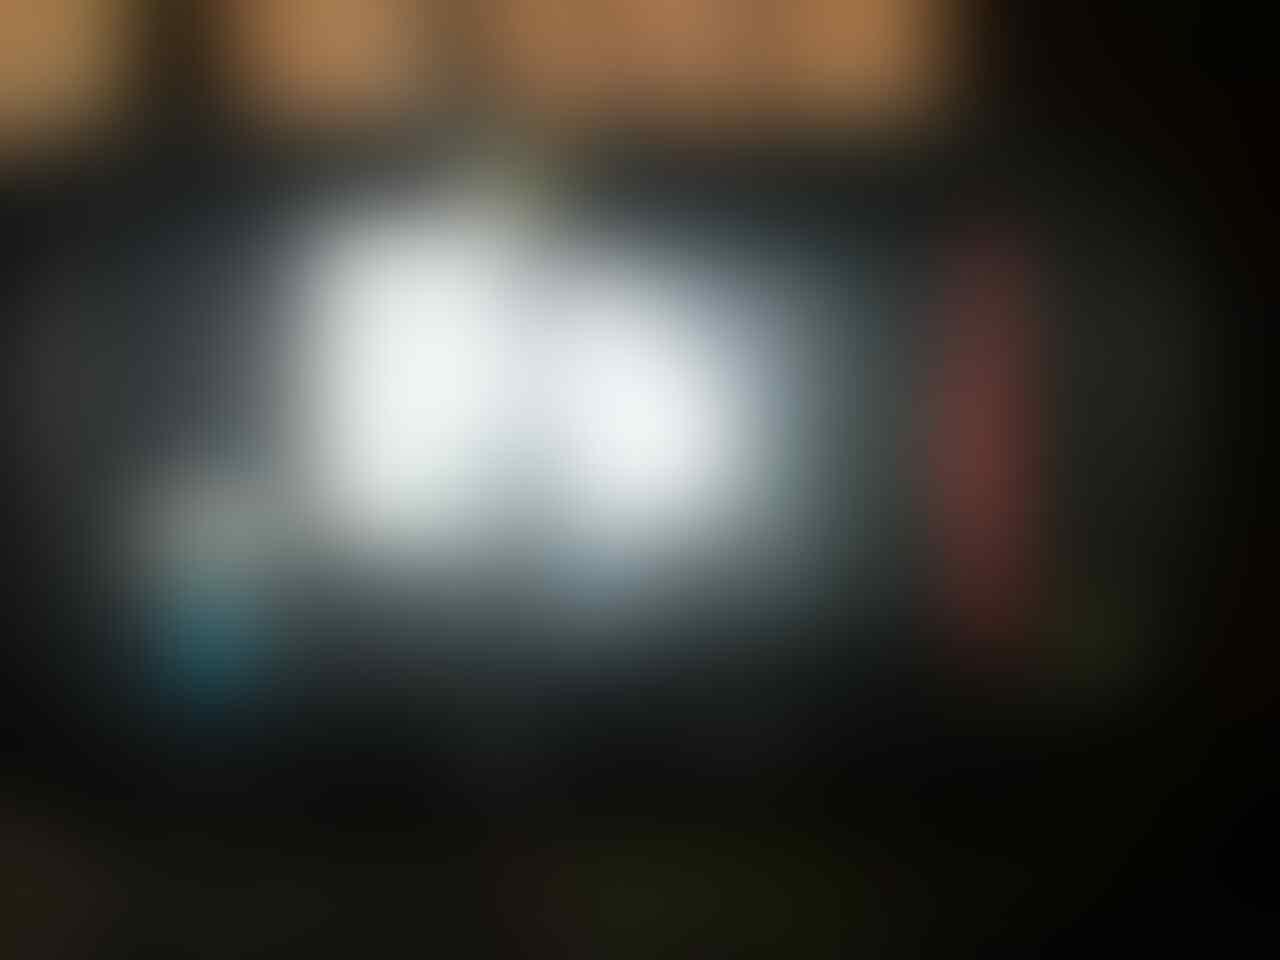 JUAL BLACKBERRY DAN ANDROID MINUS MURAH (BU)